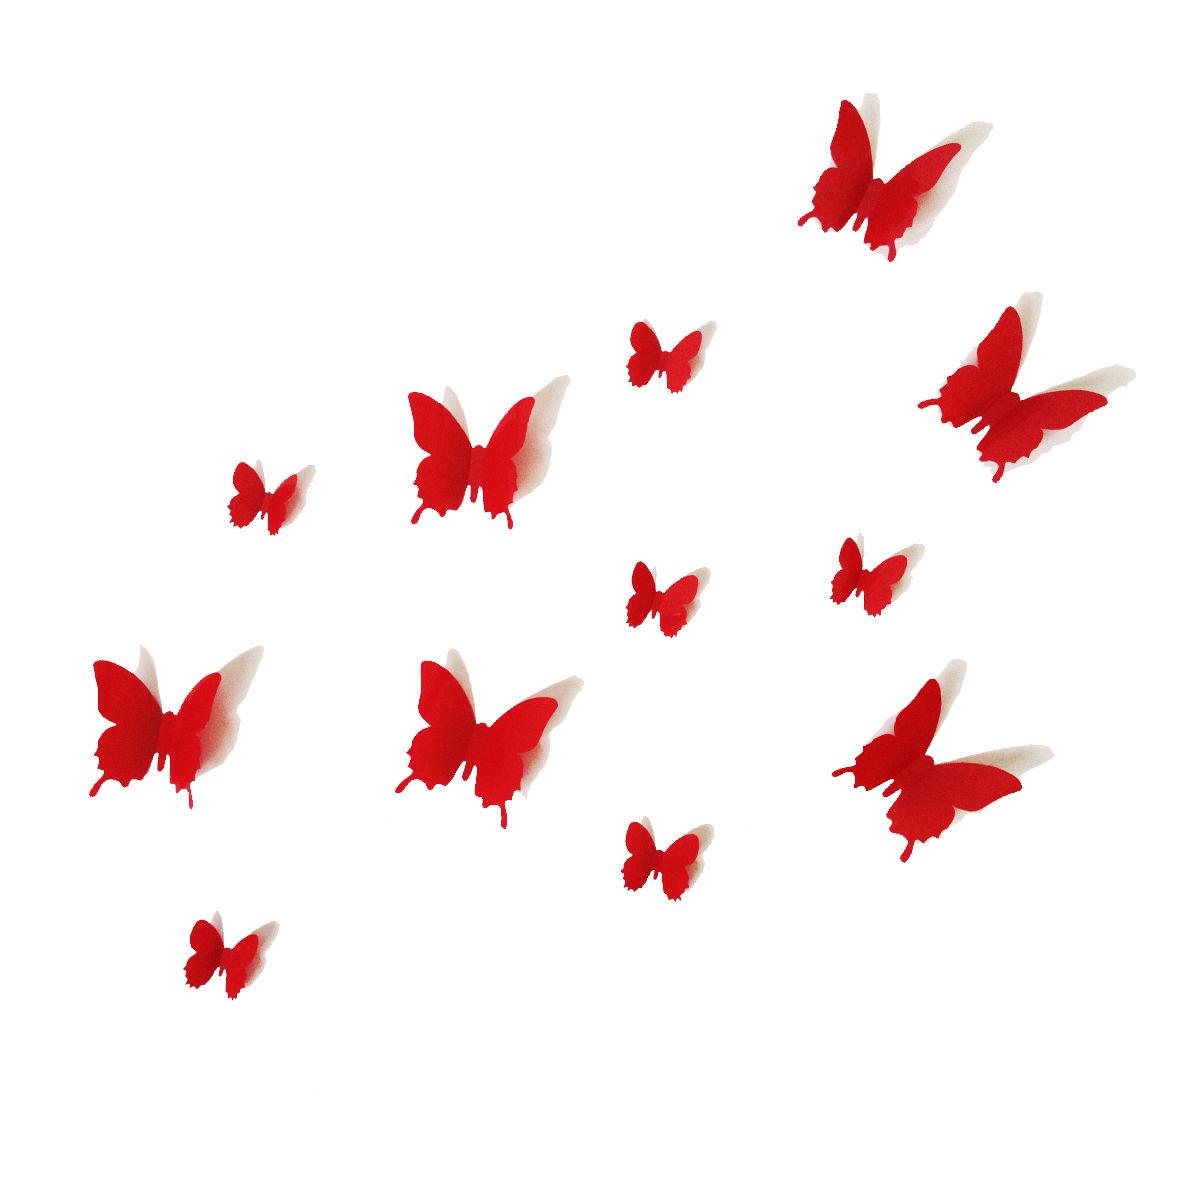 3d Butterfly Wall Decor 12pcs 3d Butterfly Wall Stickers Art Decal Pvc Butterflies Home